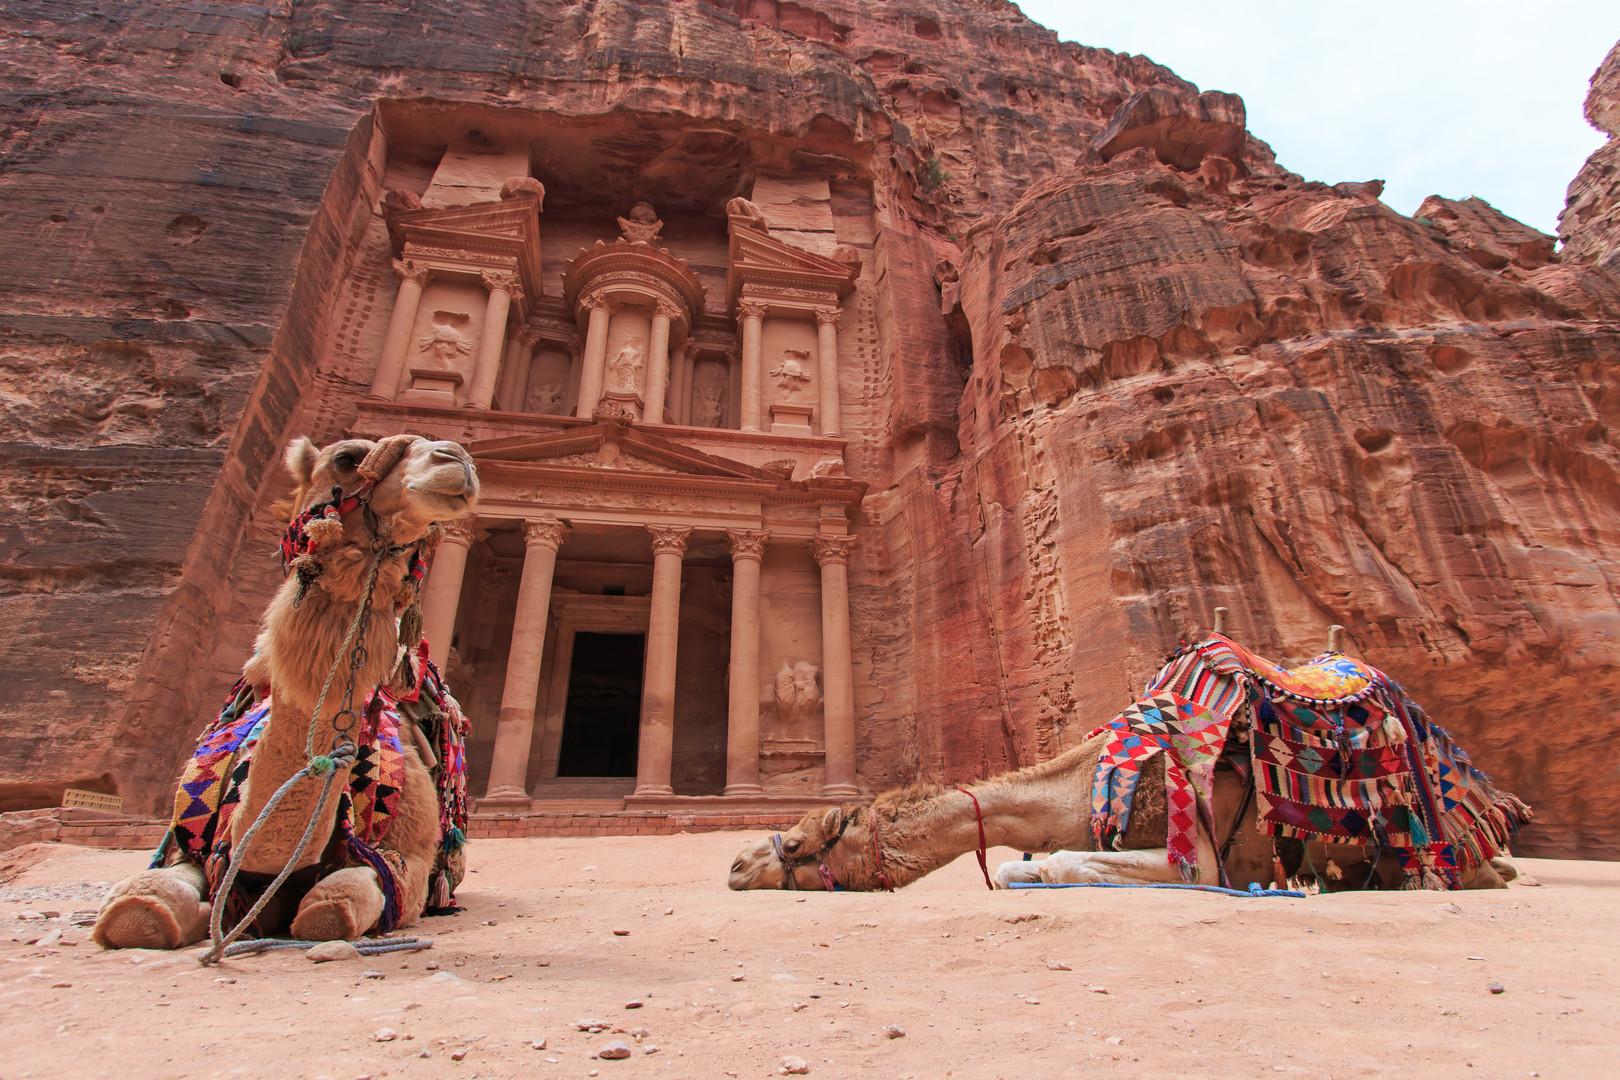 Jordánsko - země, kde se zastavil čas